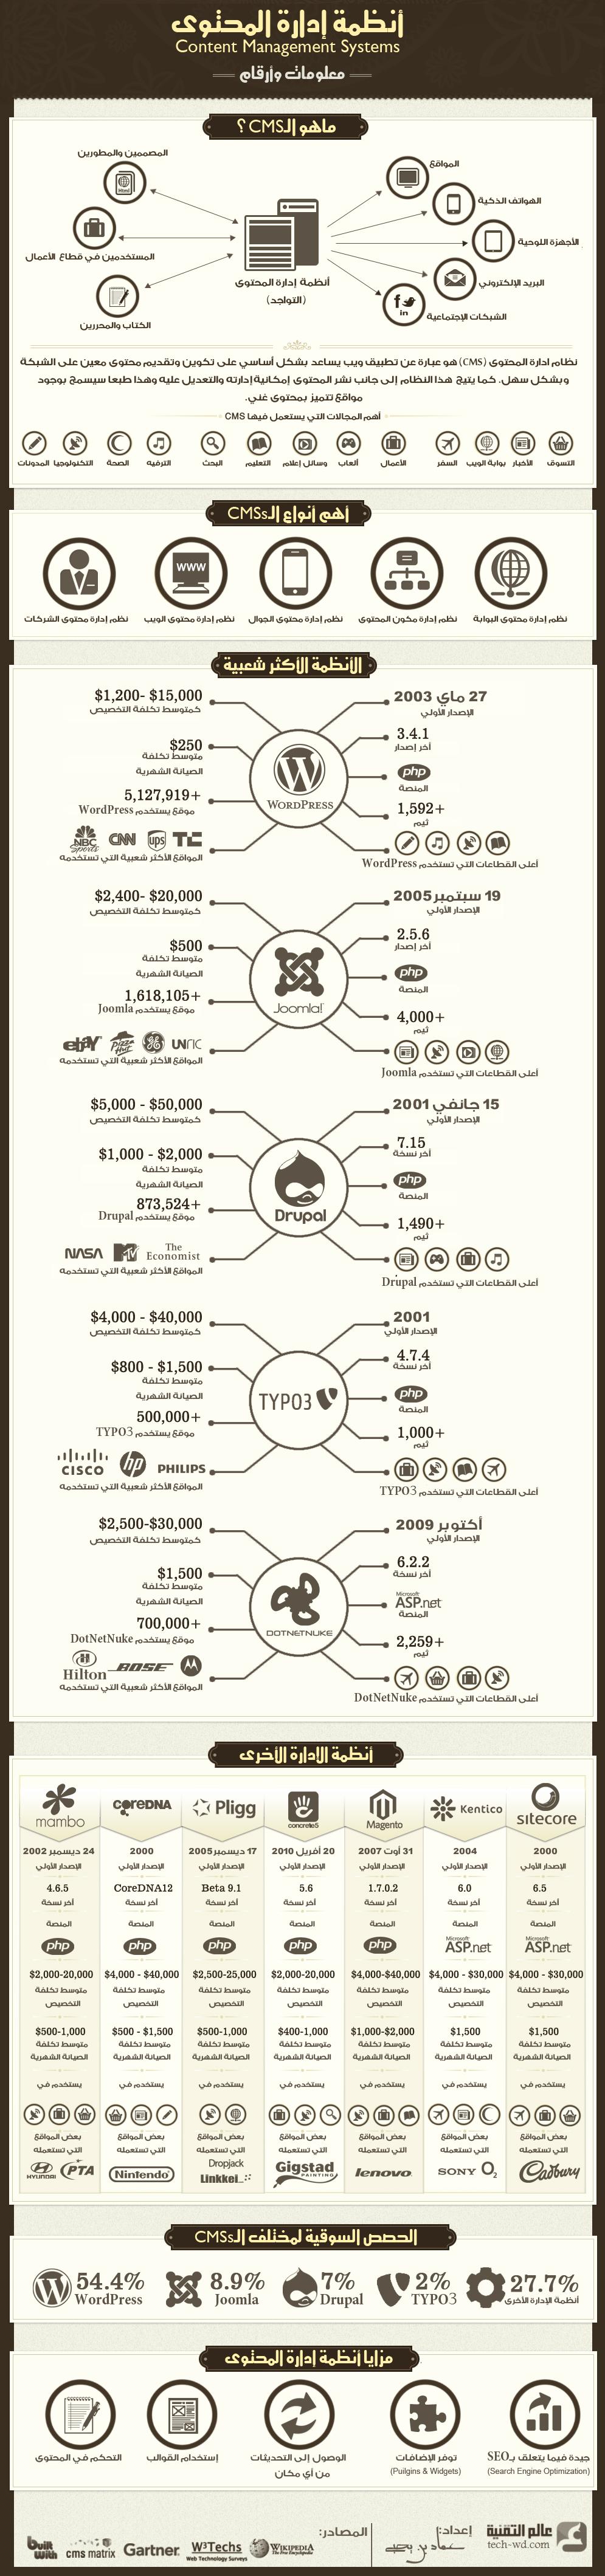 إنفوجرافيك: أنظمة إدارة المحتوى…معلومات وأرقام